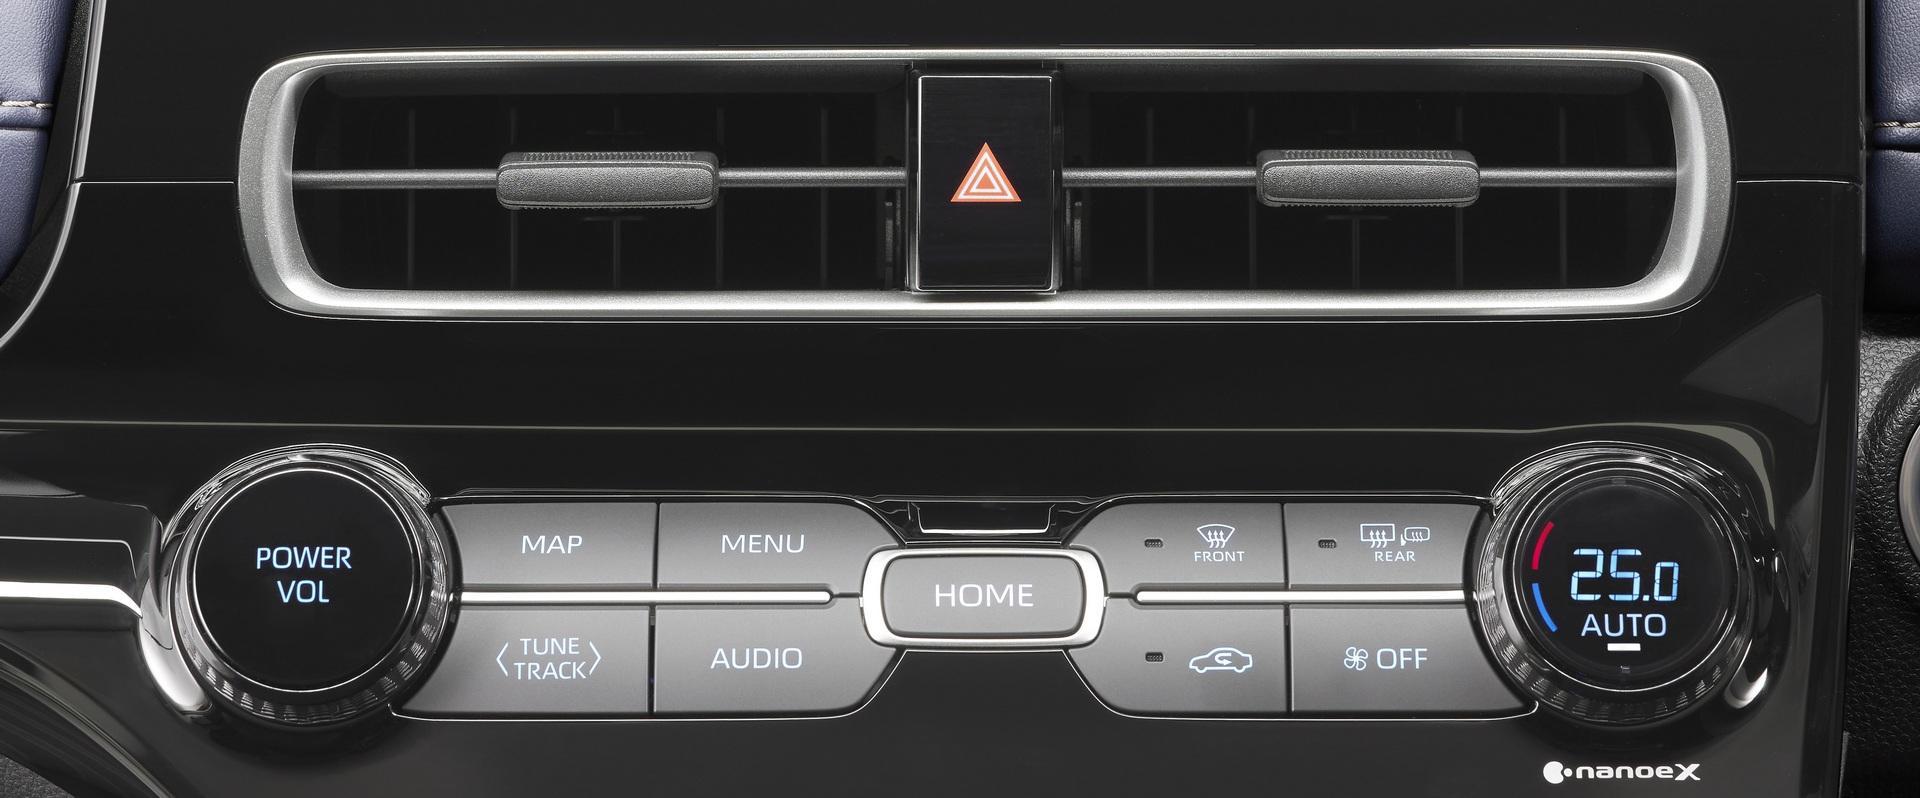 2022-Toyota-Aqua-15